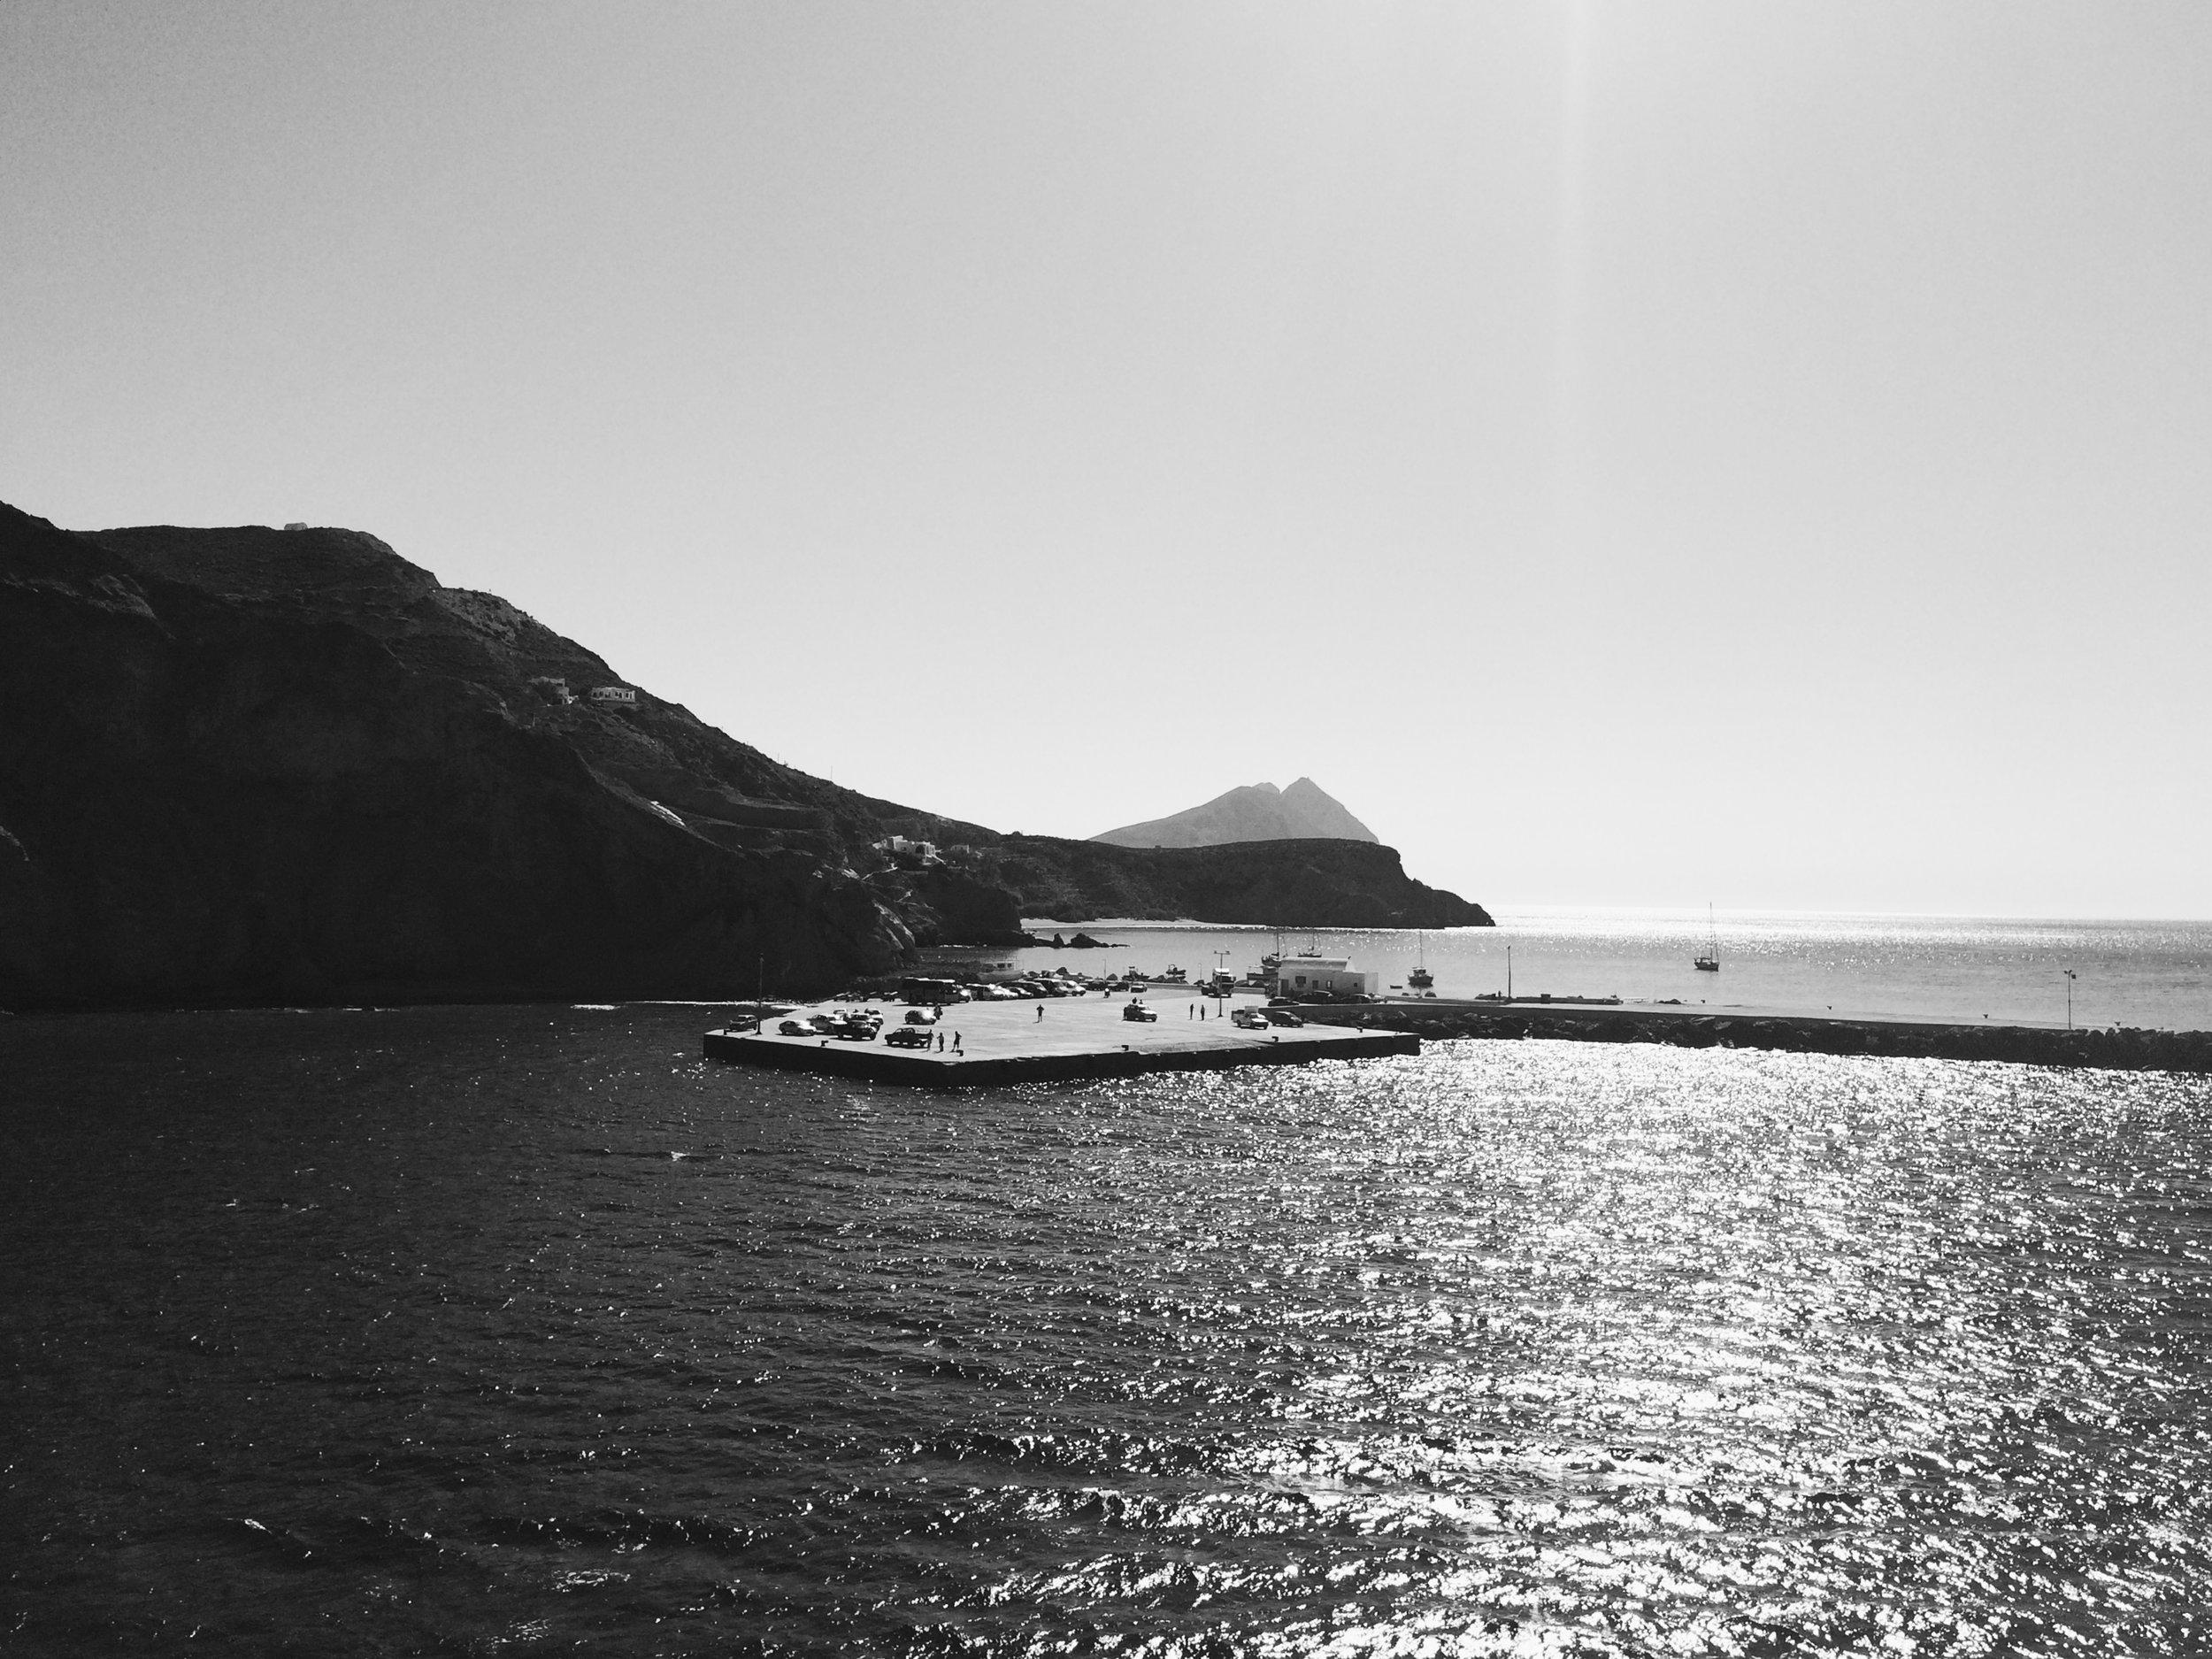 Arrival at Anafi , Anafi, the Cyclades, 2016